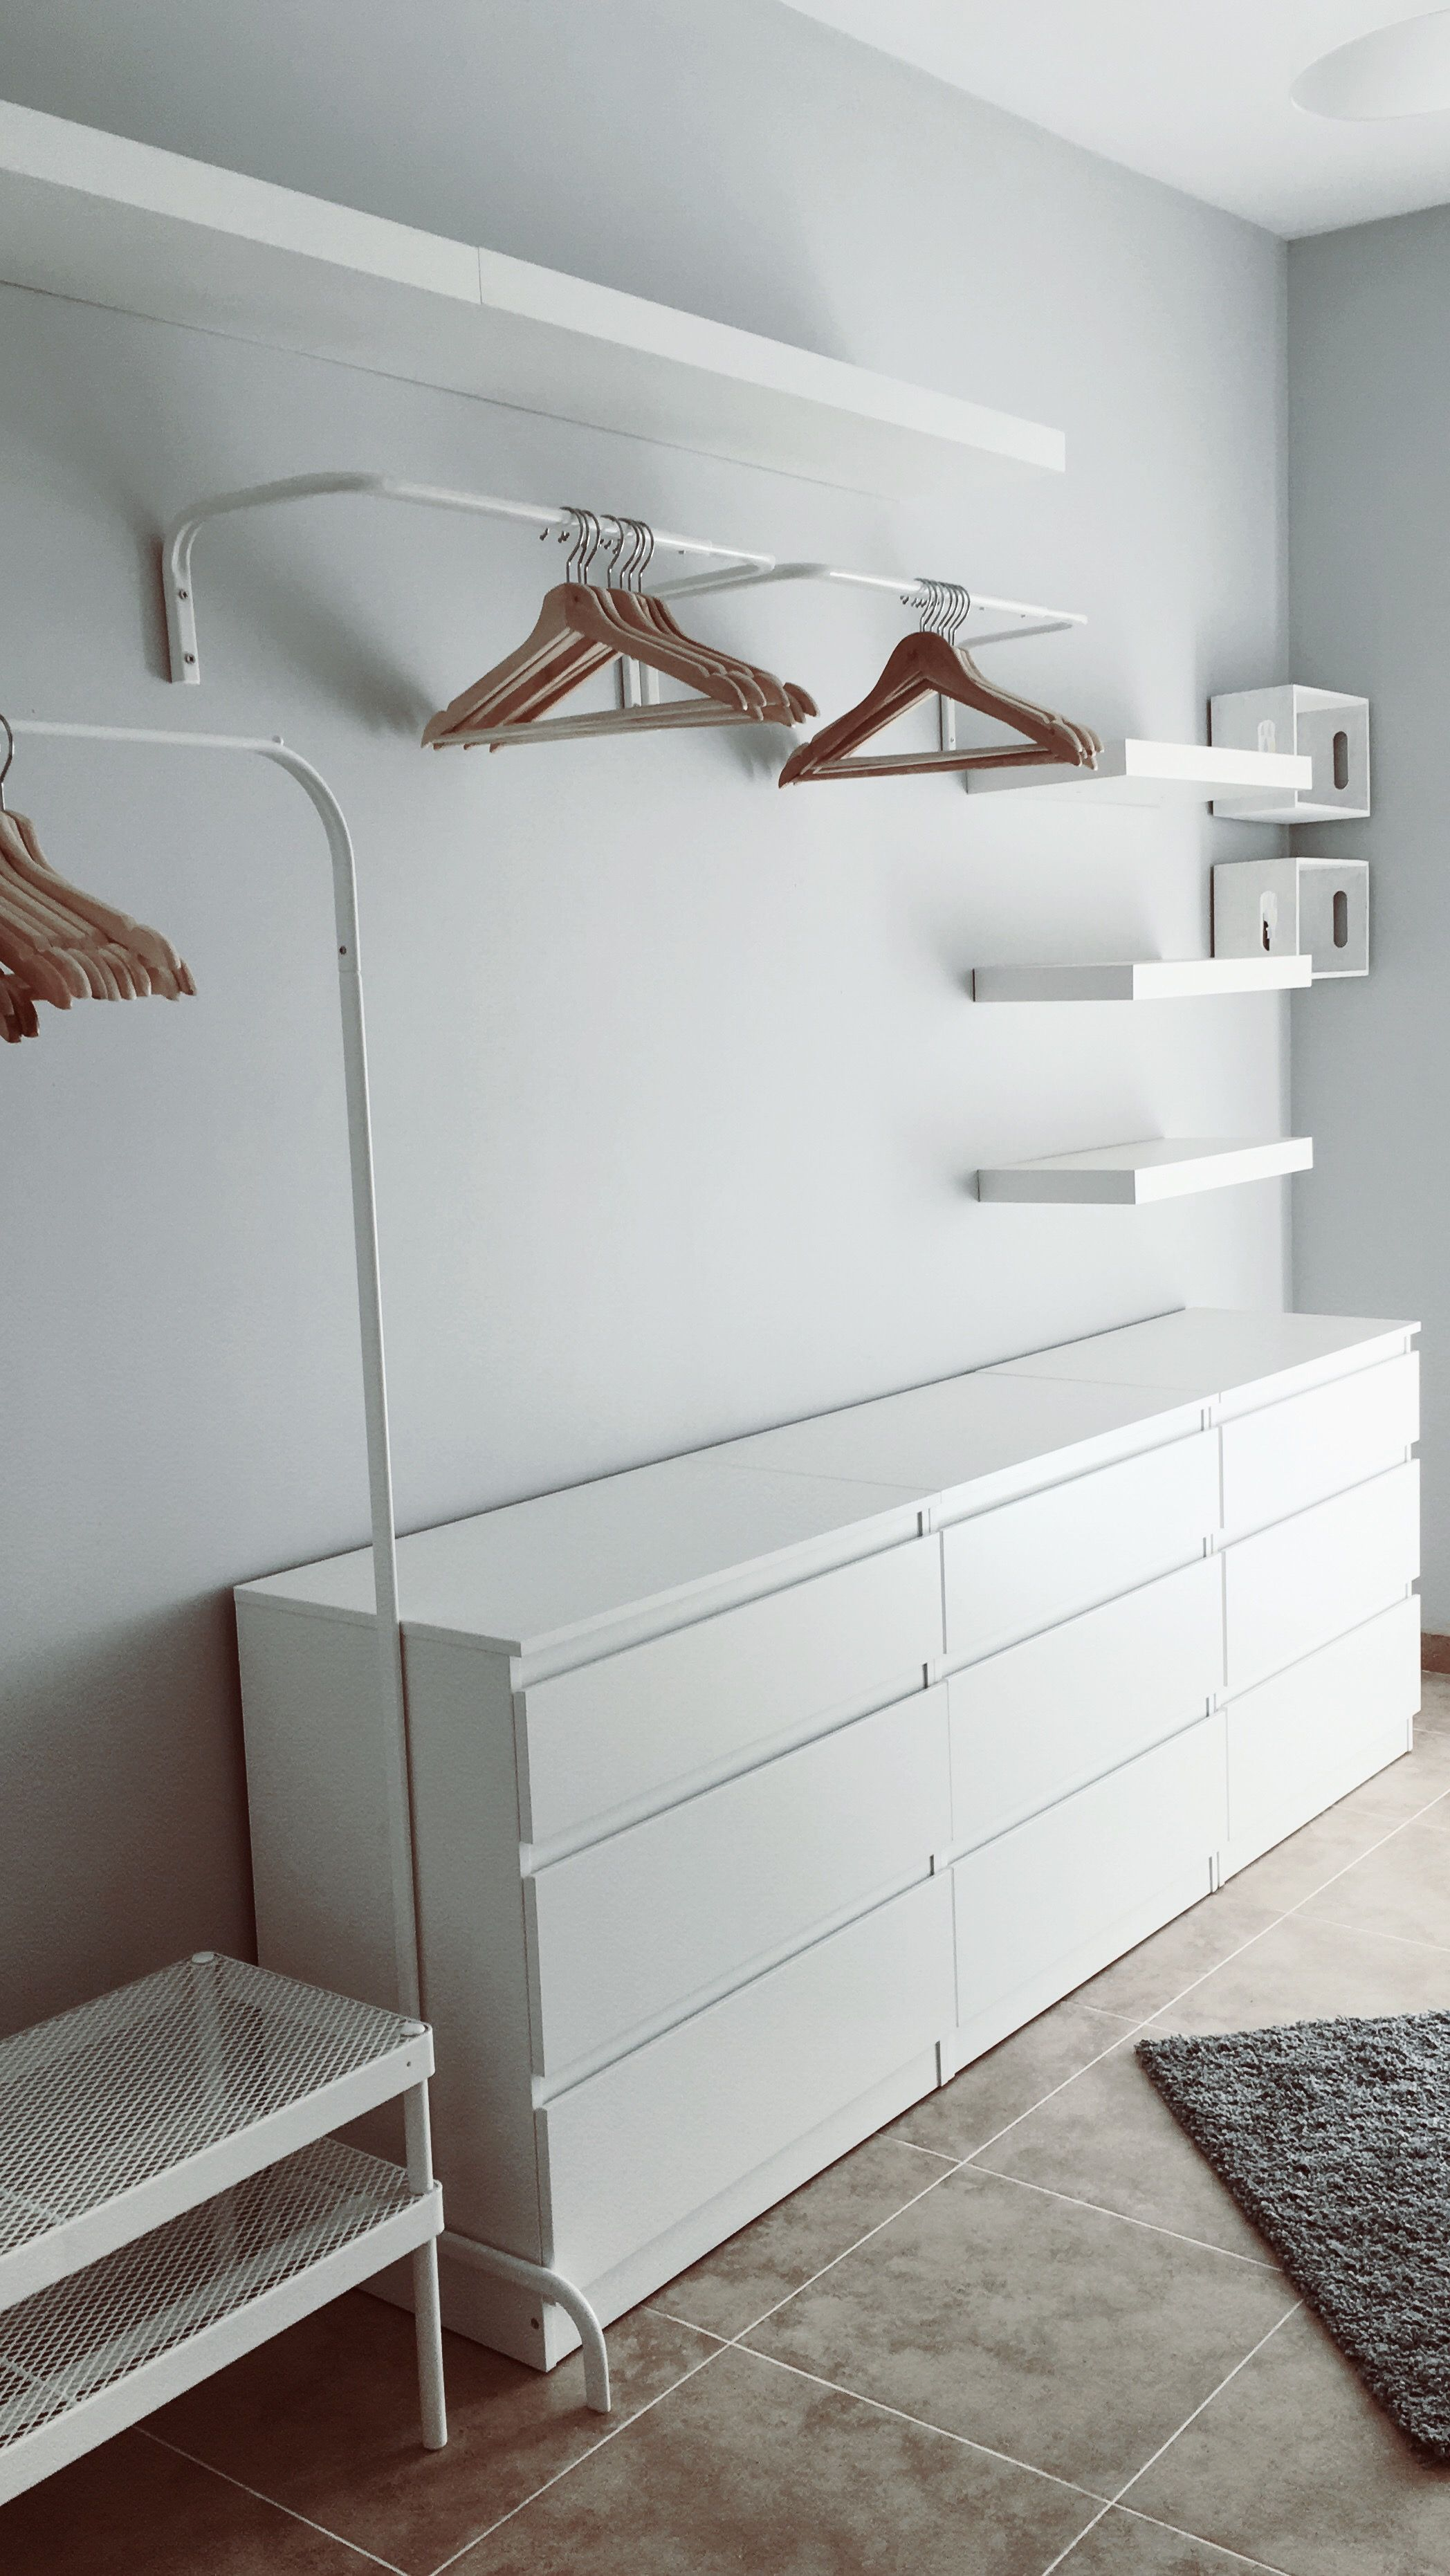 ikea pax im wohnzimmer : Vestidor Lowcost Ikea Vestidor Lowcost Ikea Saj Thoz